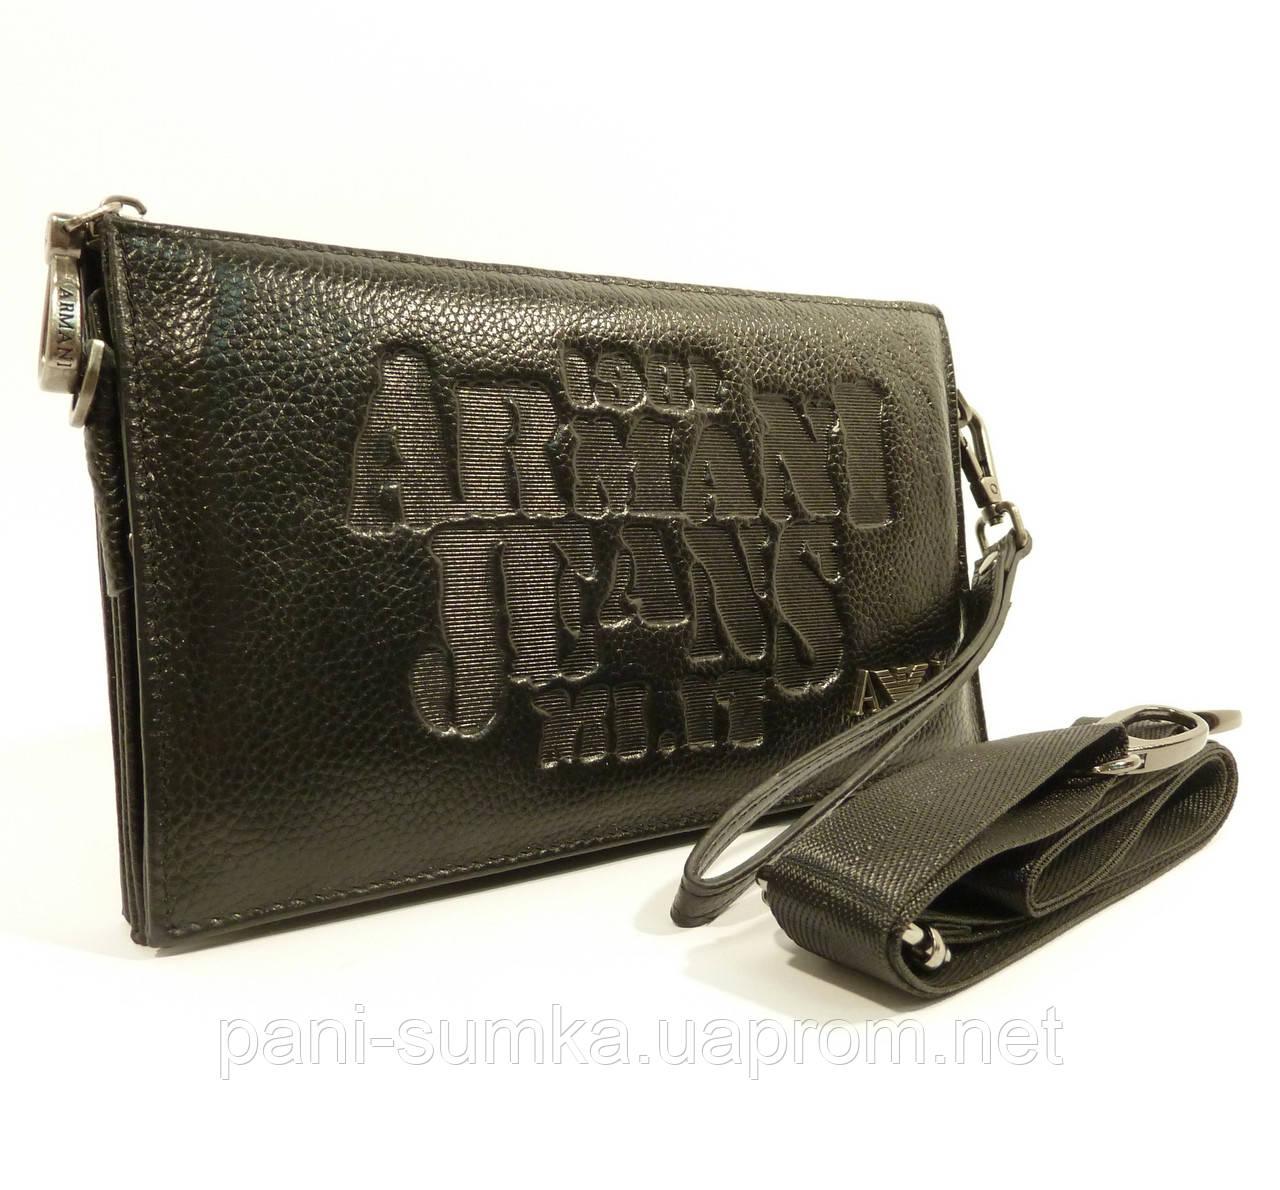 151adc838773 Клатч мужской кожаный Armani Jeans 921-1 черный, сумка мужская, цена 957  грн., купить Белгород-Днестровский — Prom.ua (ID#94868606)